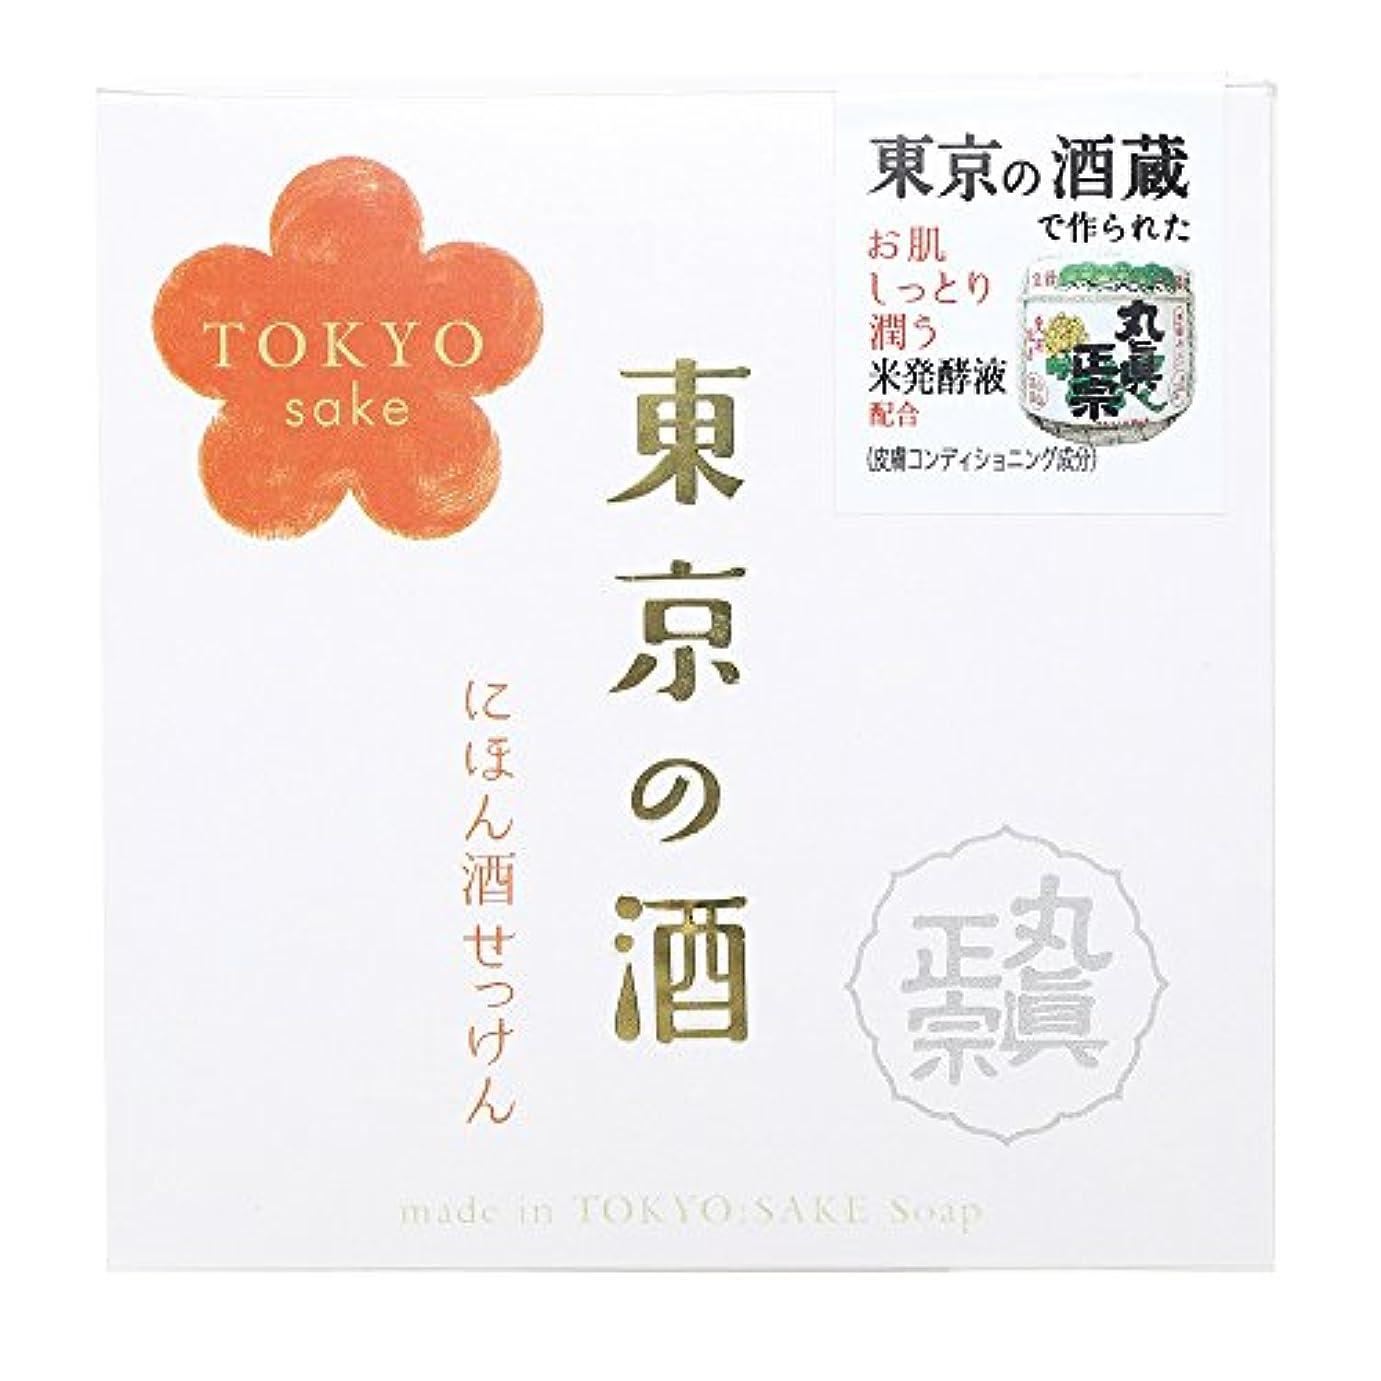 気候の山次へシアーノルコーポレーション 東京の酒 石けん OB-TKY-1-1 100g